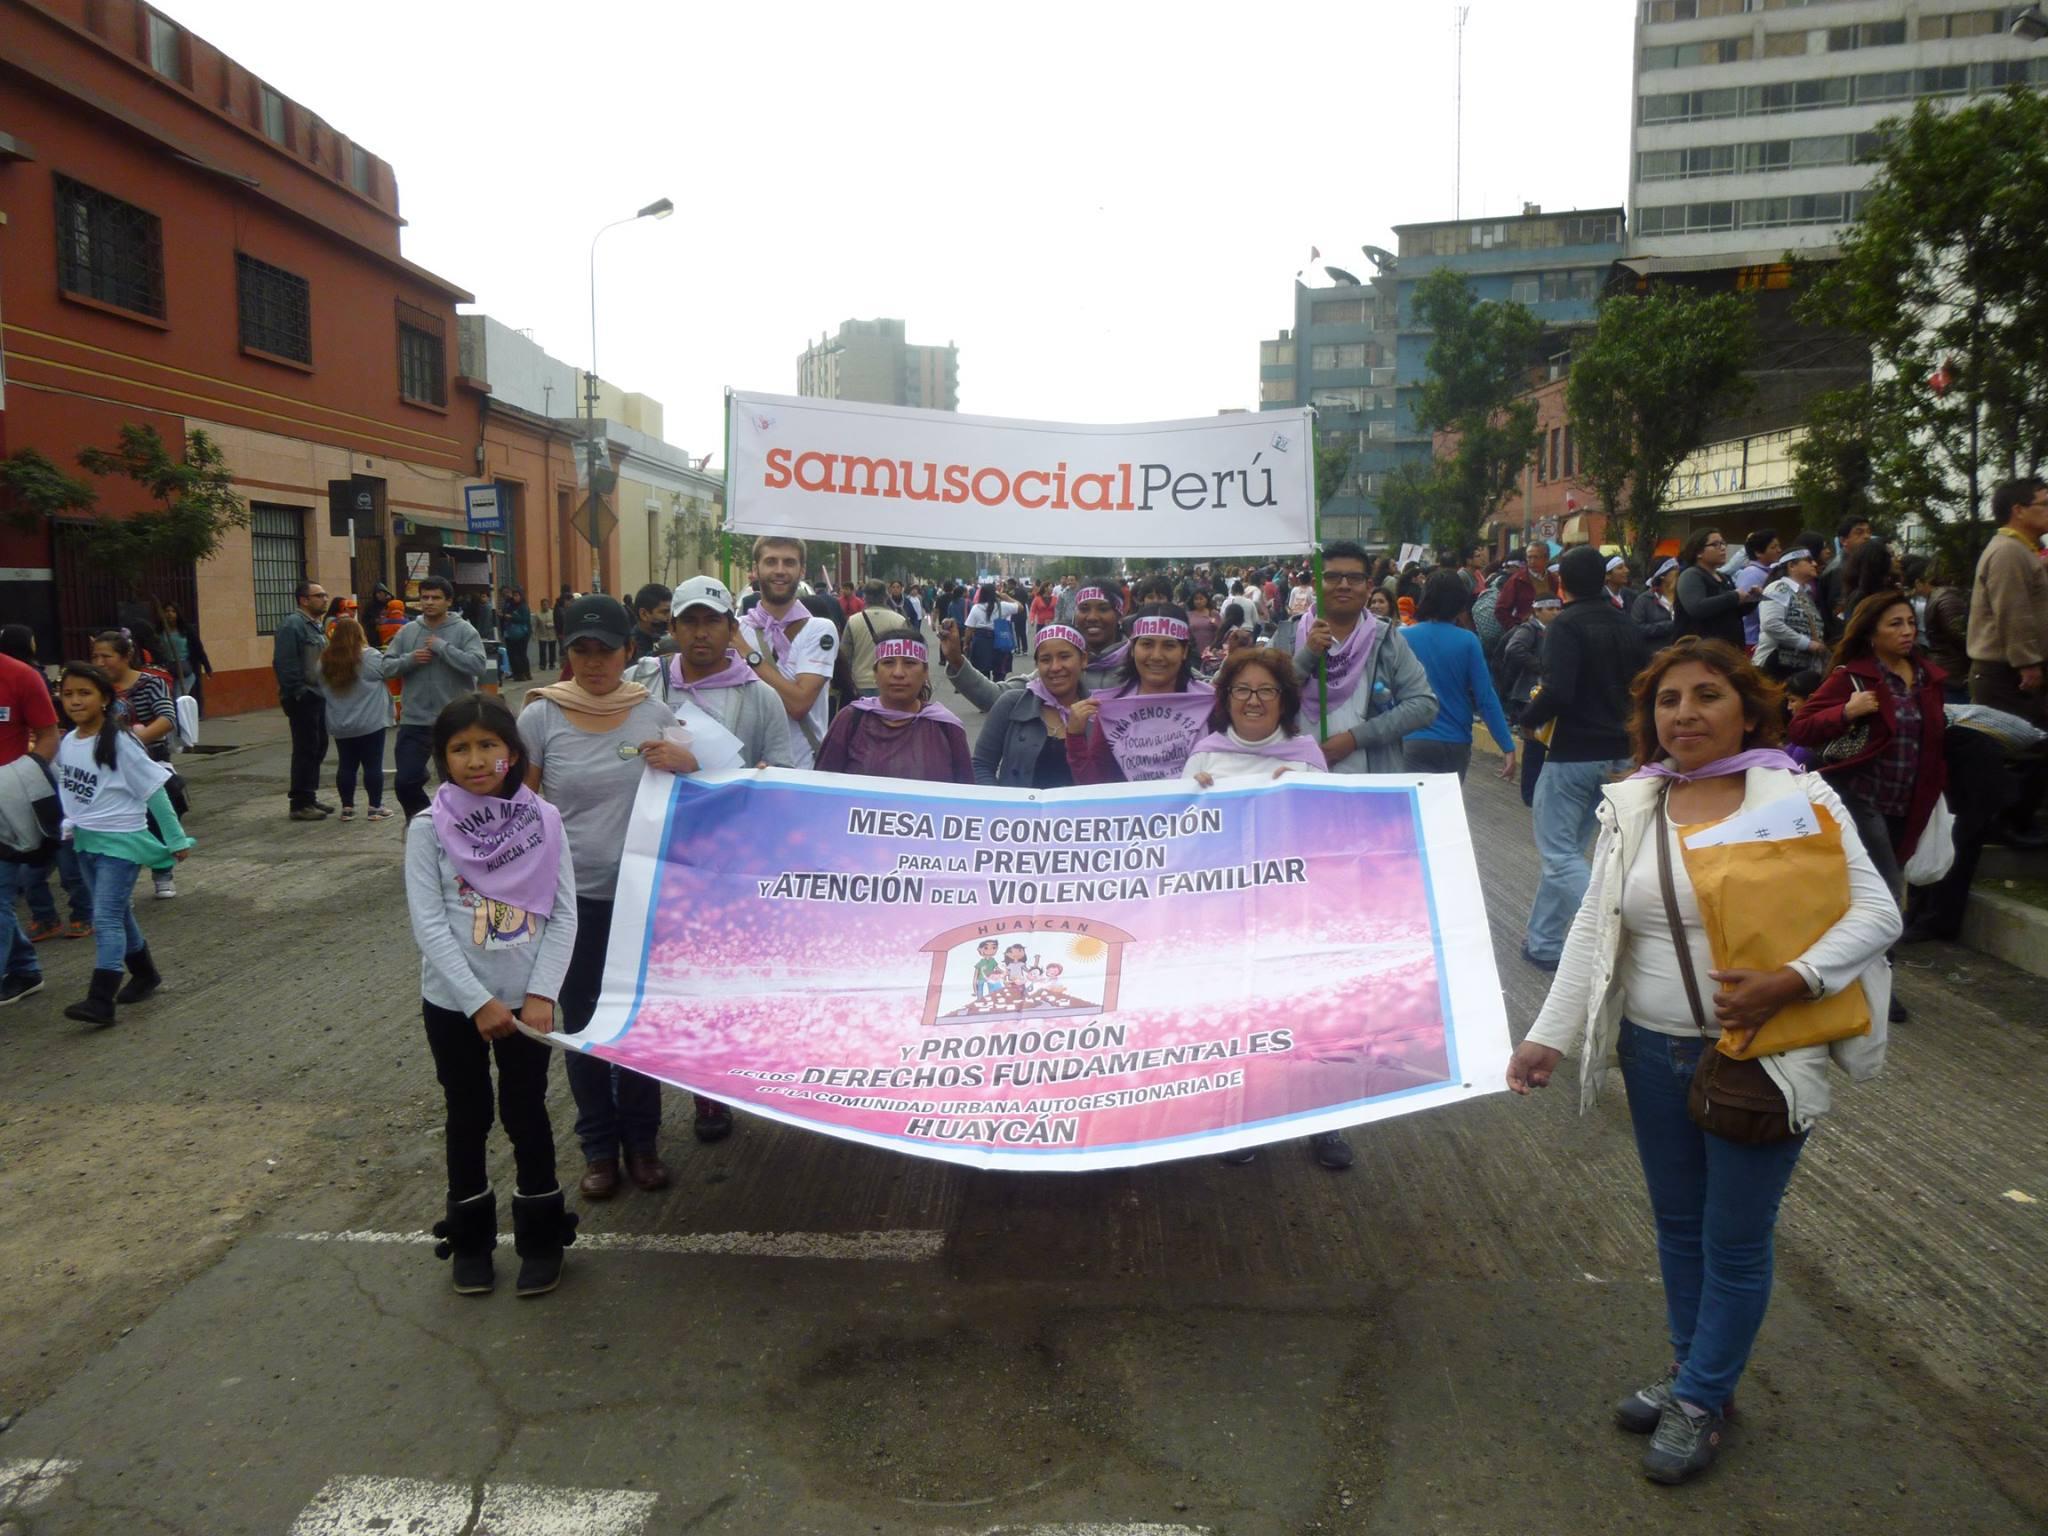 L'équipe du Samusocial Pérou présente à la marche.